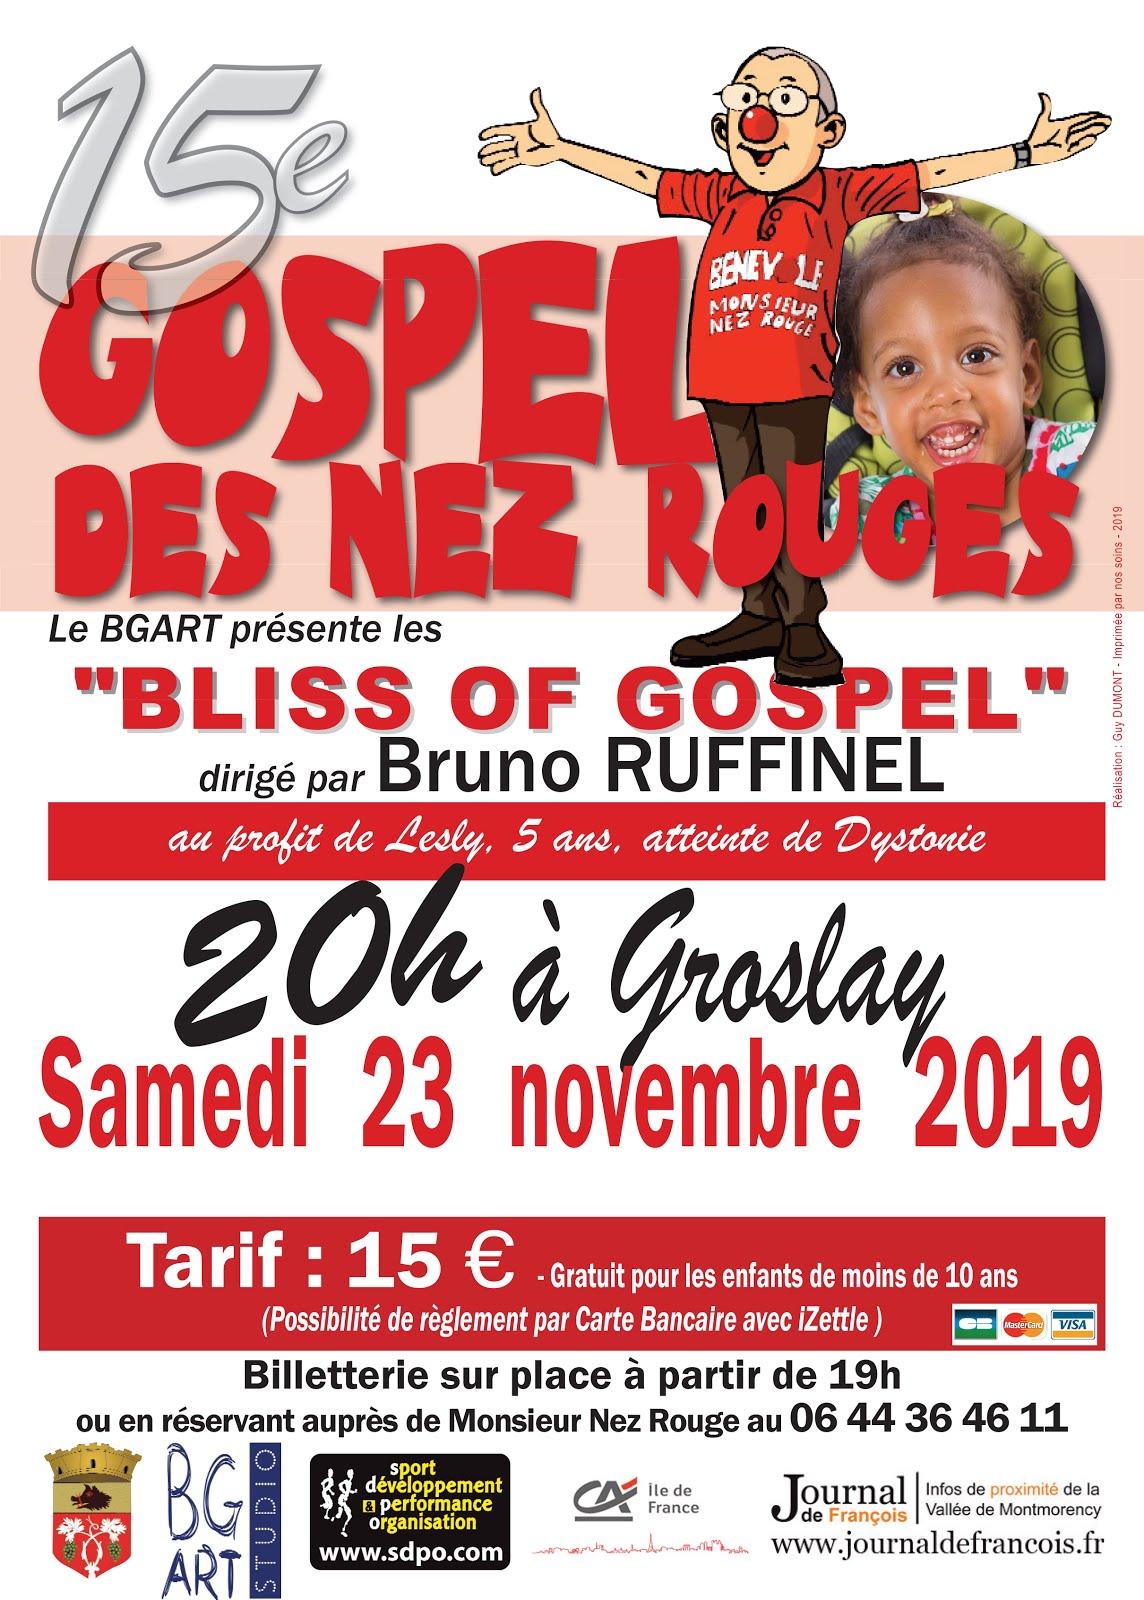 15e Gospel des Nez Rouges